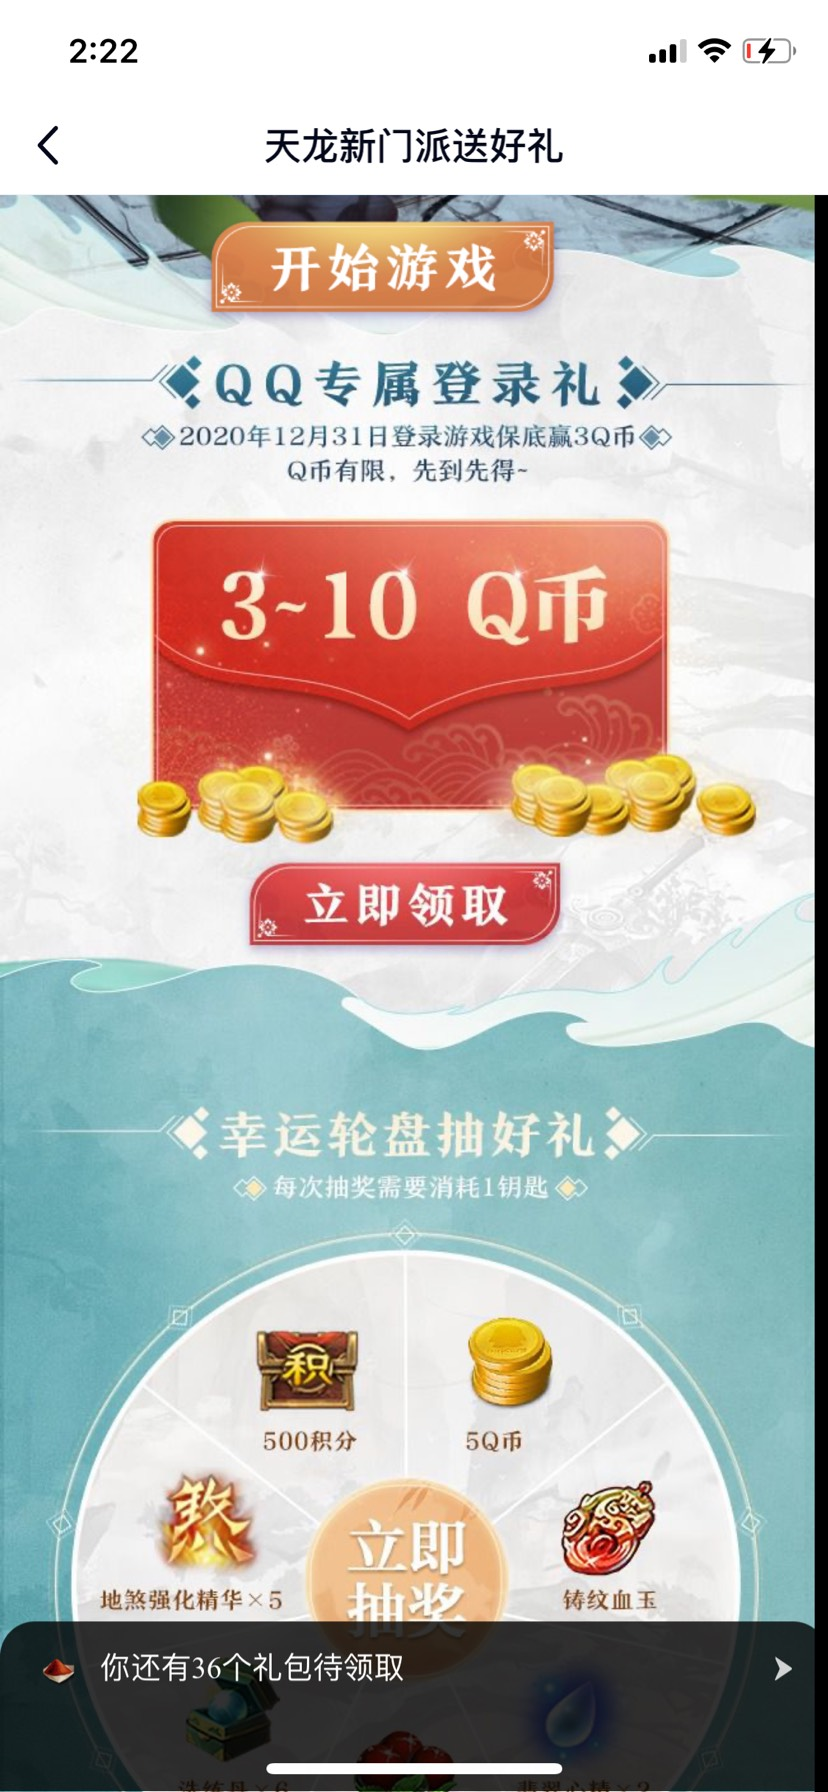 图片[2]-大水。天龙八部送q币。-老友薅羊毛活动线报网